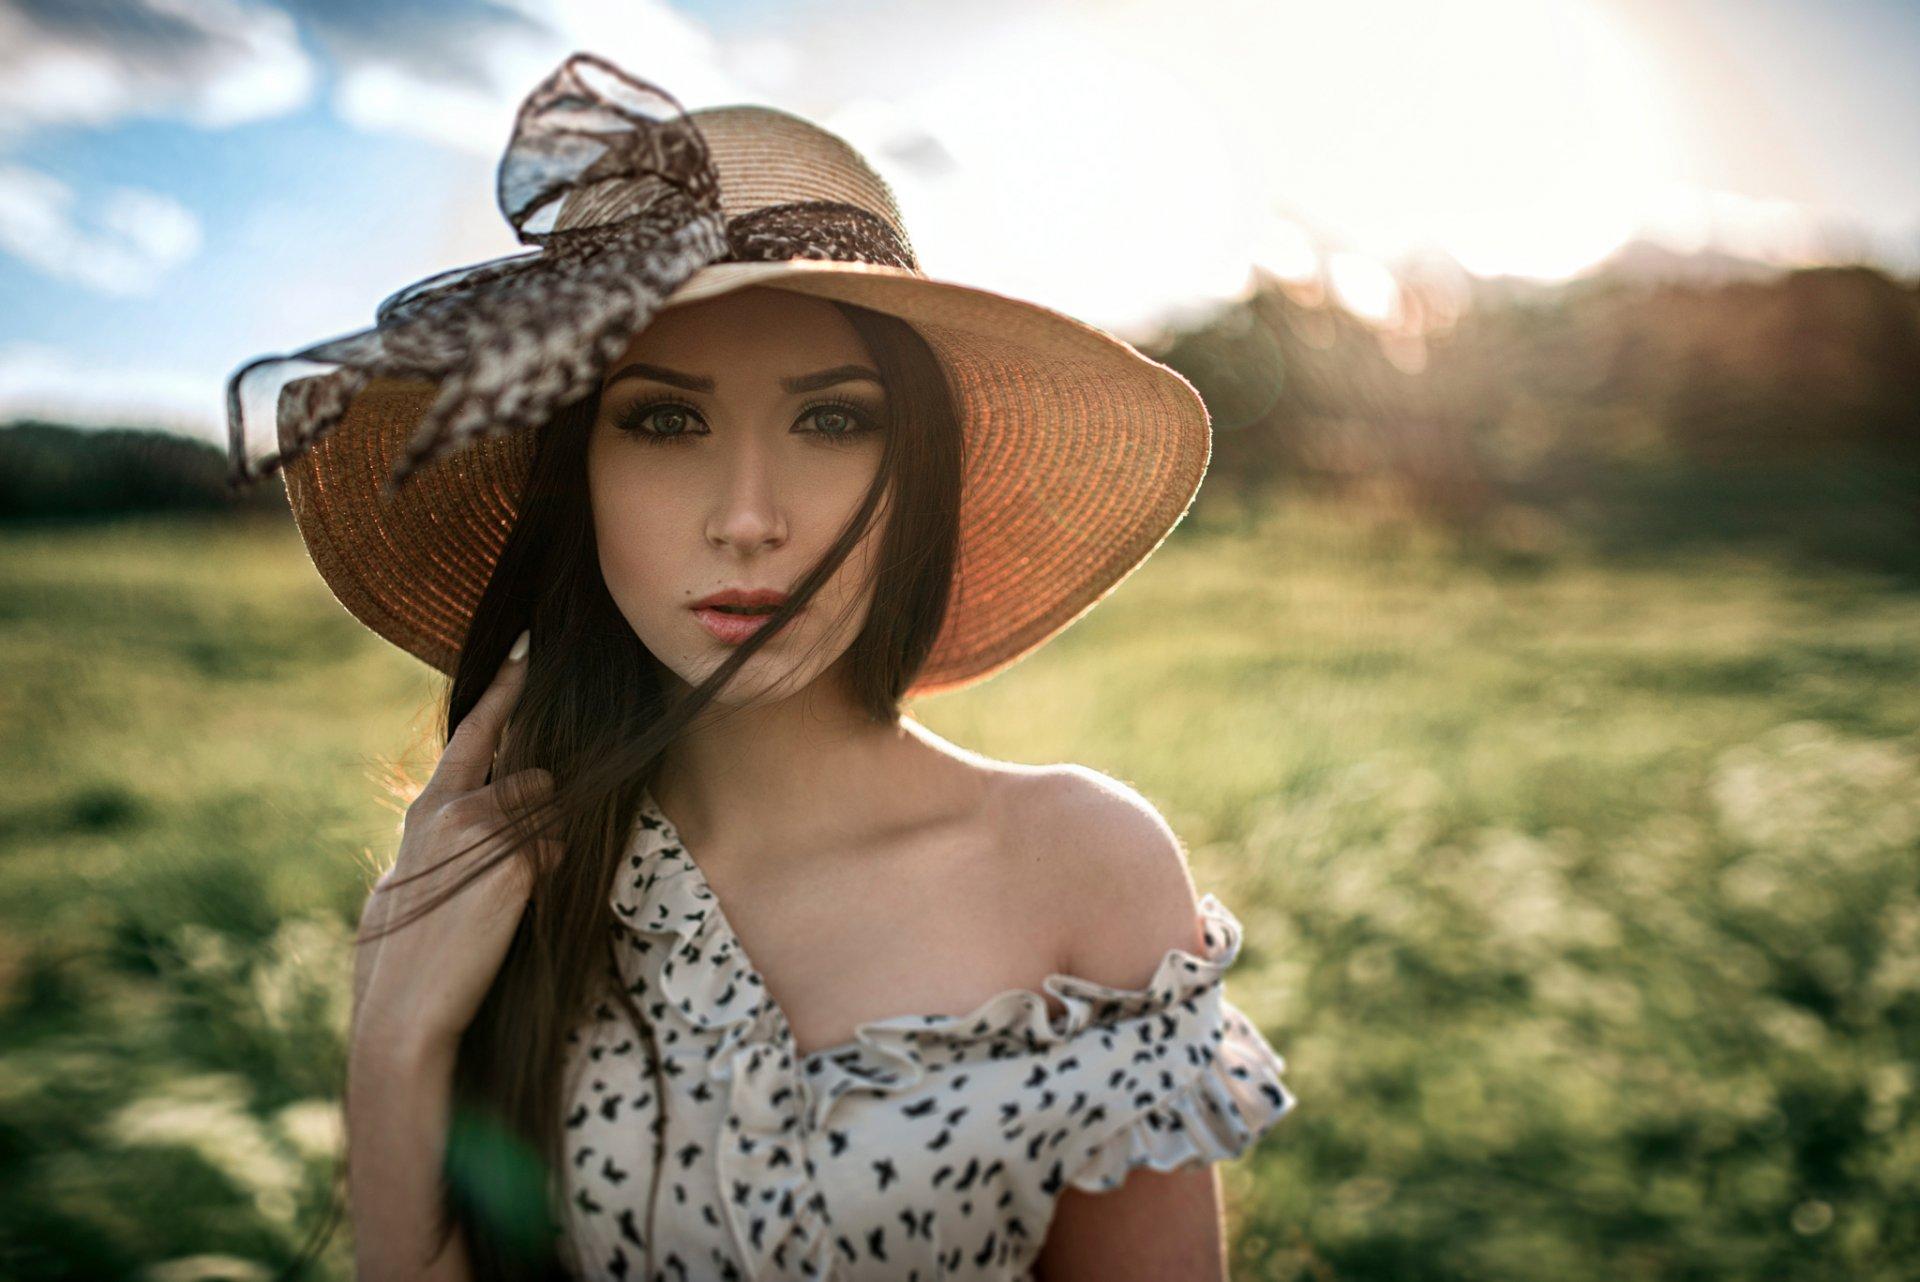 частное фото девушки в шляпках - 5